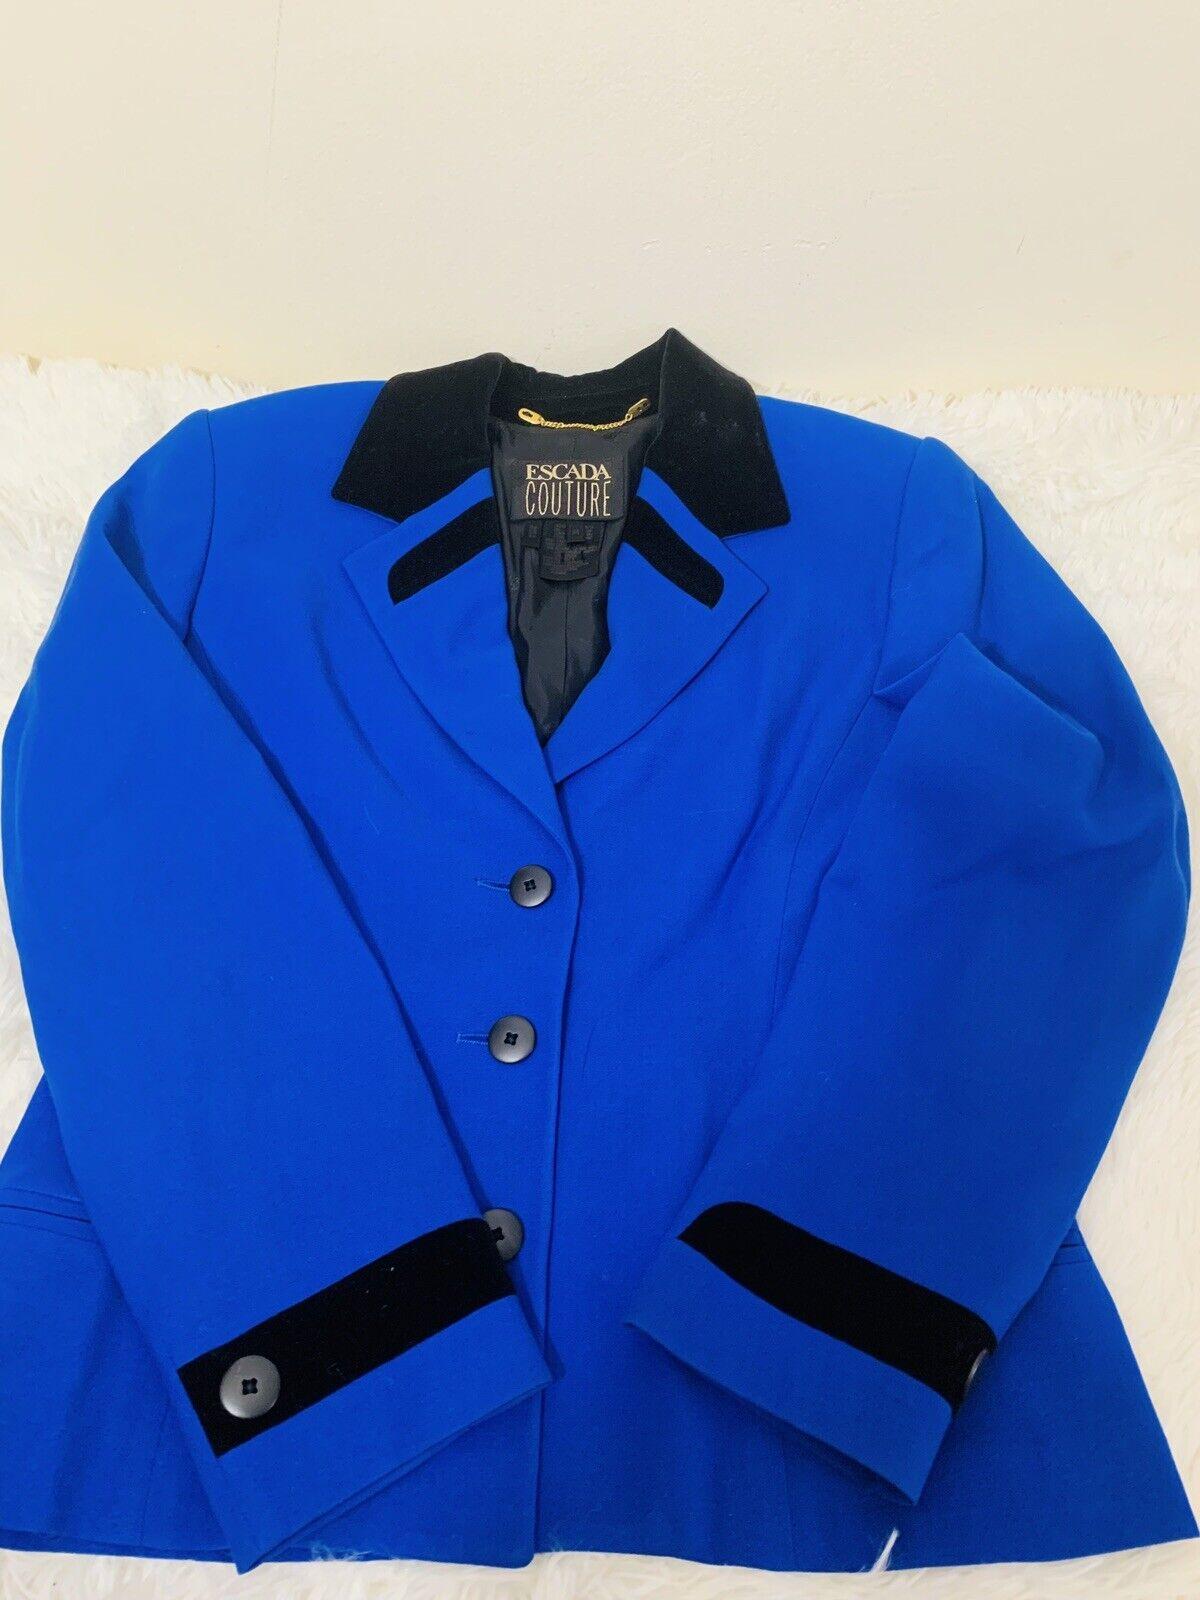 Escada Couture Royal bluee Blazer